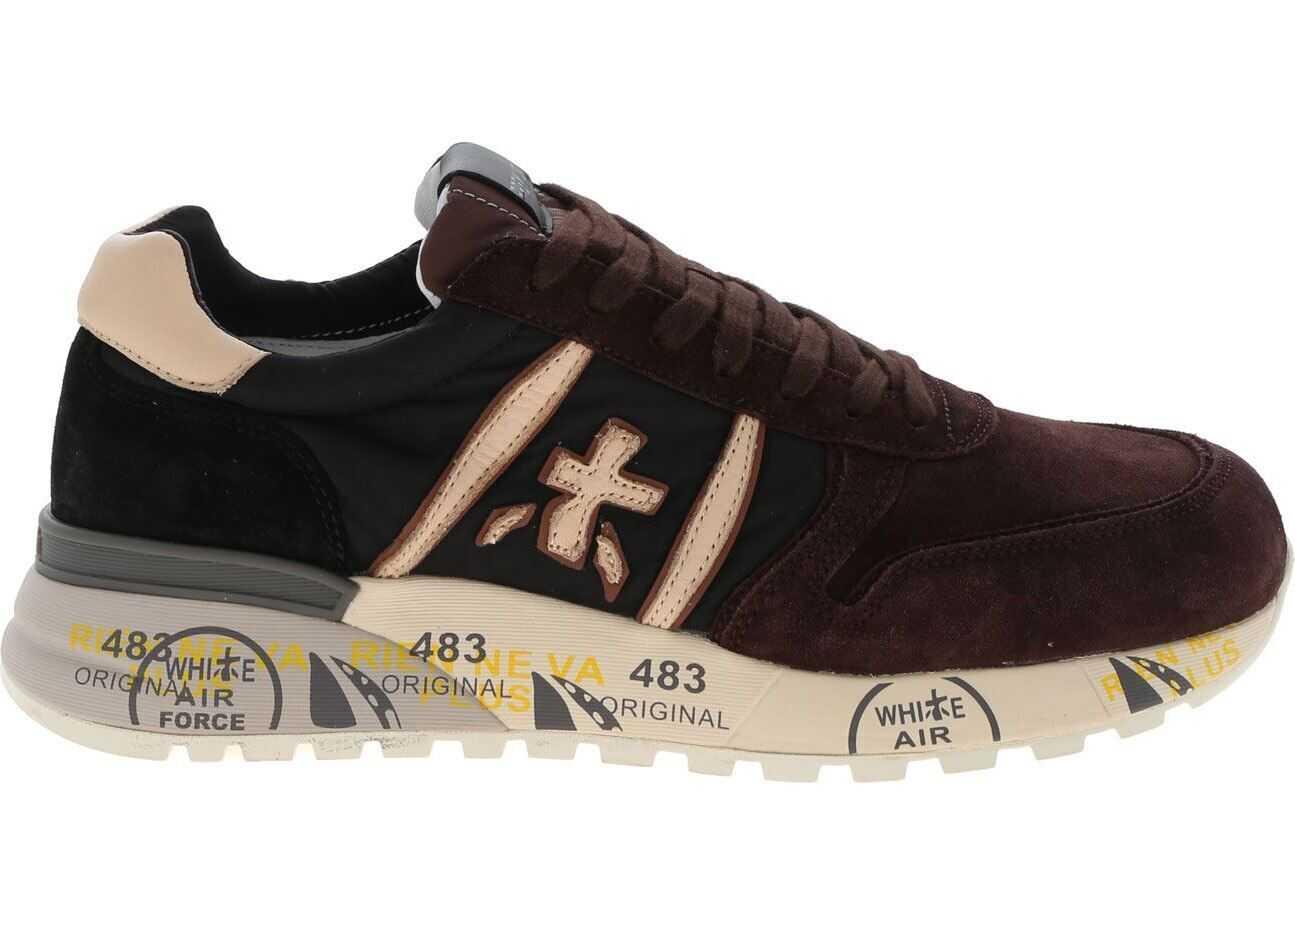 Lander Sneakers In Brown And Black thumbnail